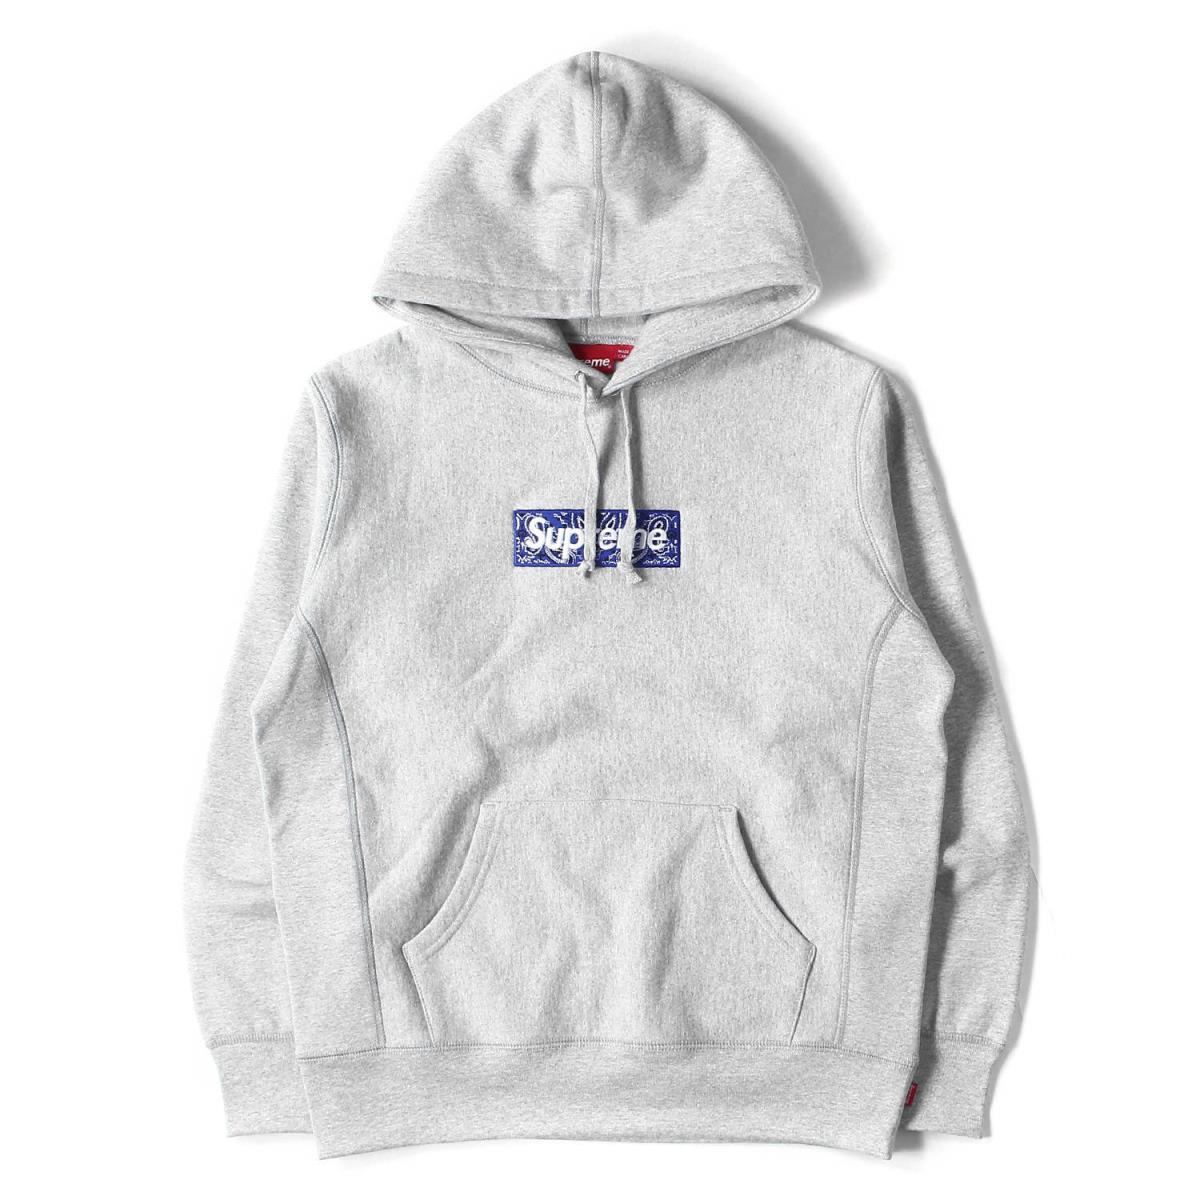 トップス, パーカー Supreme BOX Bandana Box Logo Hooded Sweatshirt 19AW L K2954